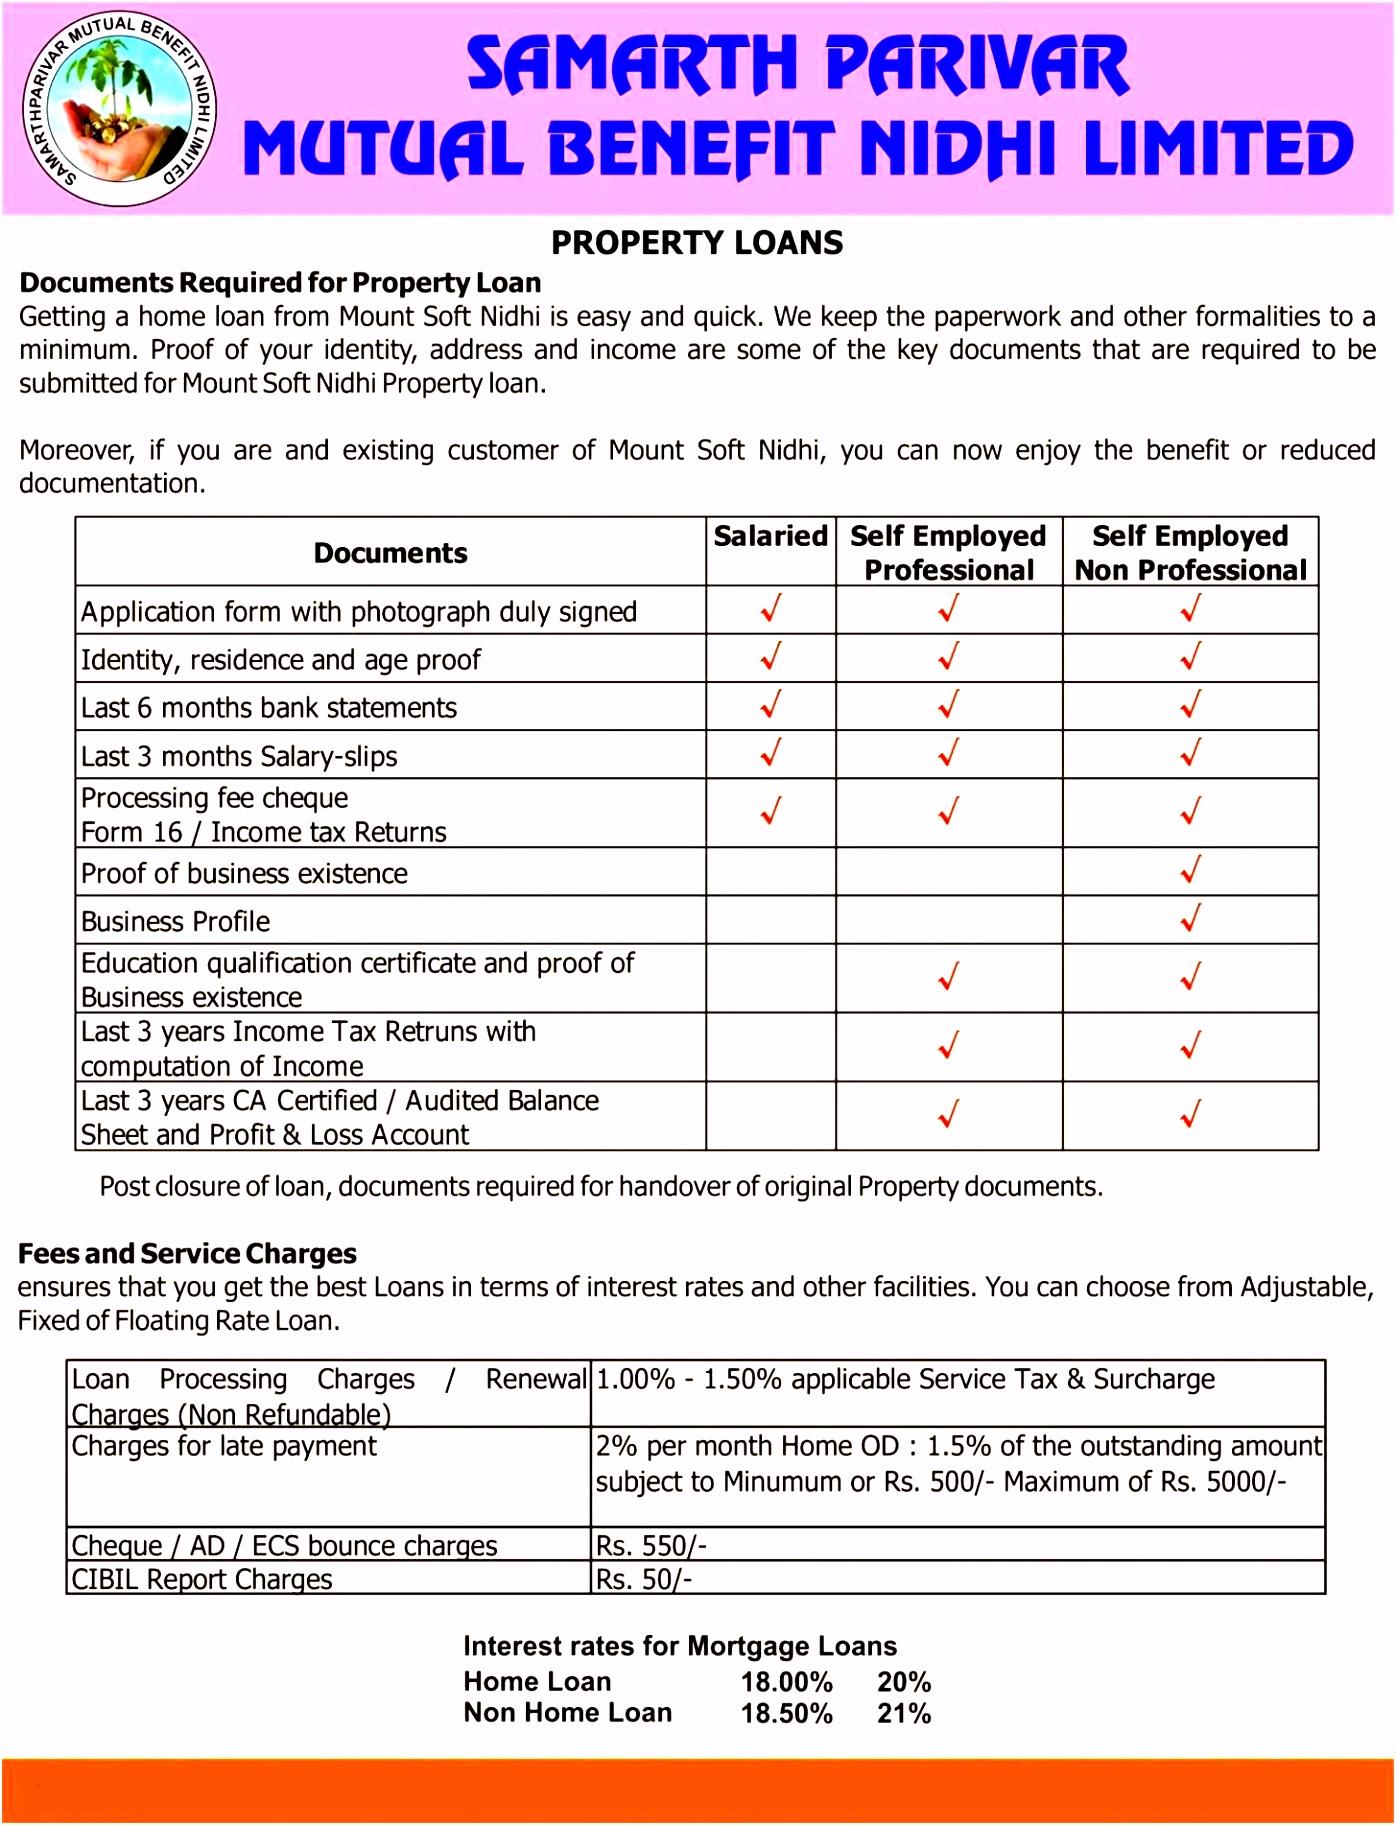 Einfache Buchfuhrung Vorlage 15 Grundbuch Rechnungswesen Vorlage Zum Ausdrucken W2be33hau4 Ssie5htlp0